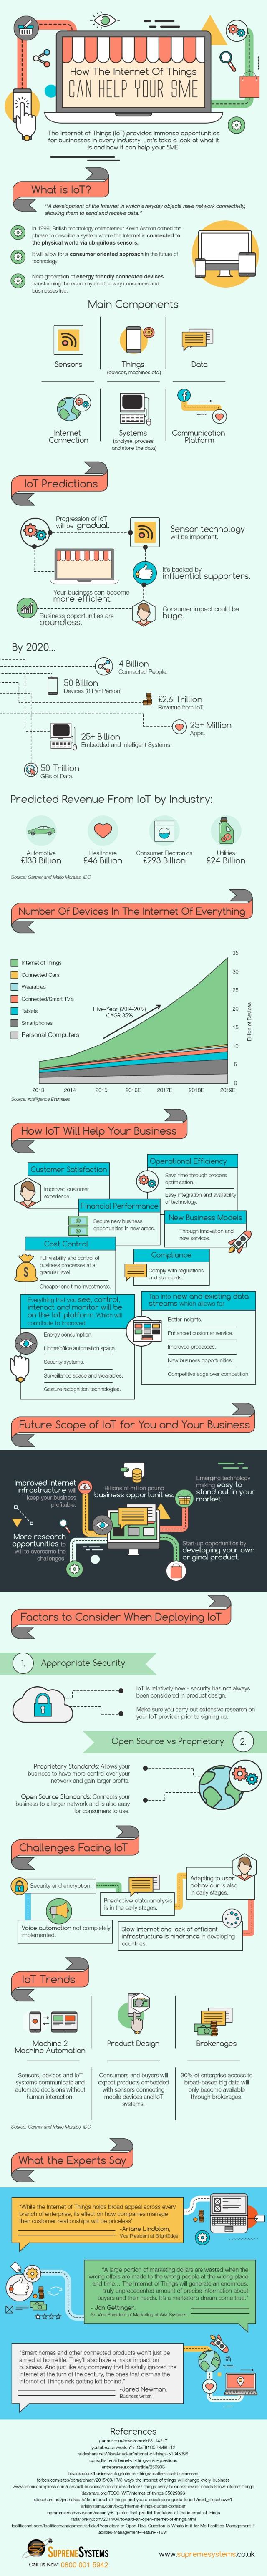 SME IoT infographic